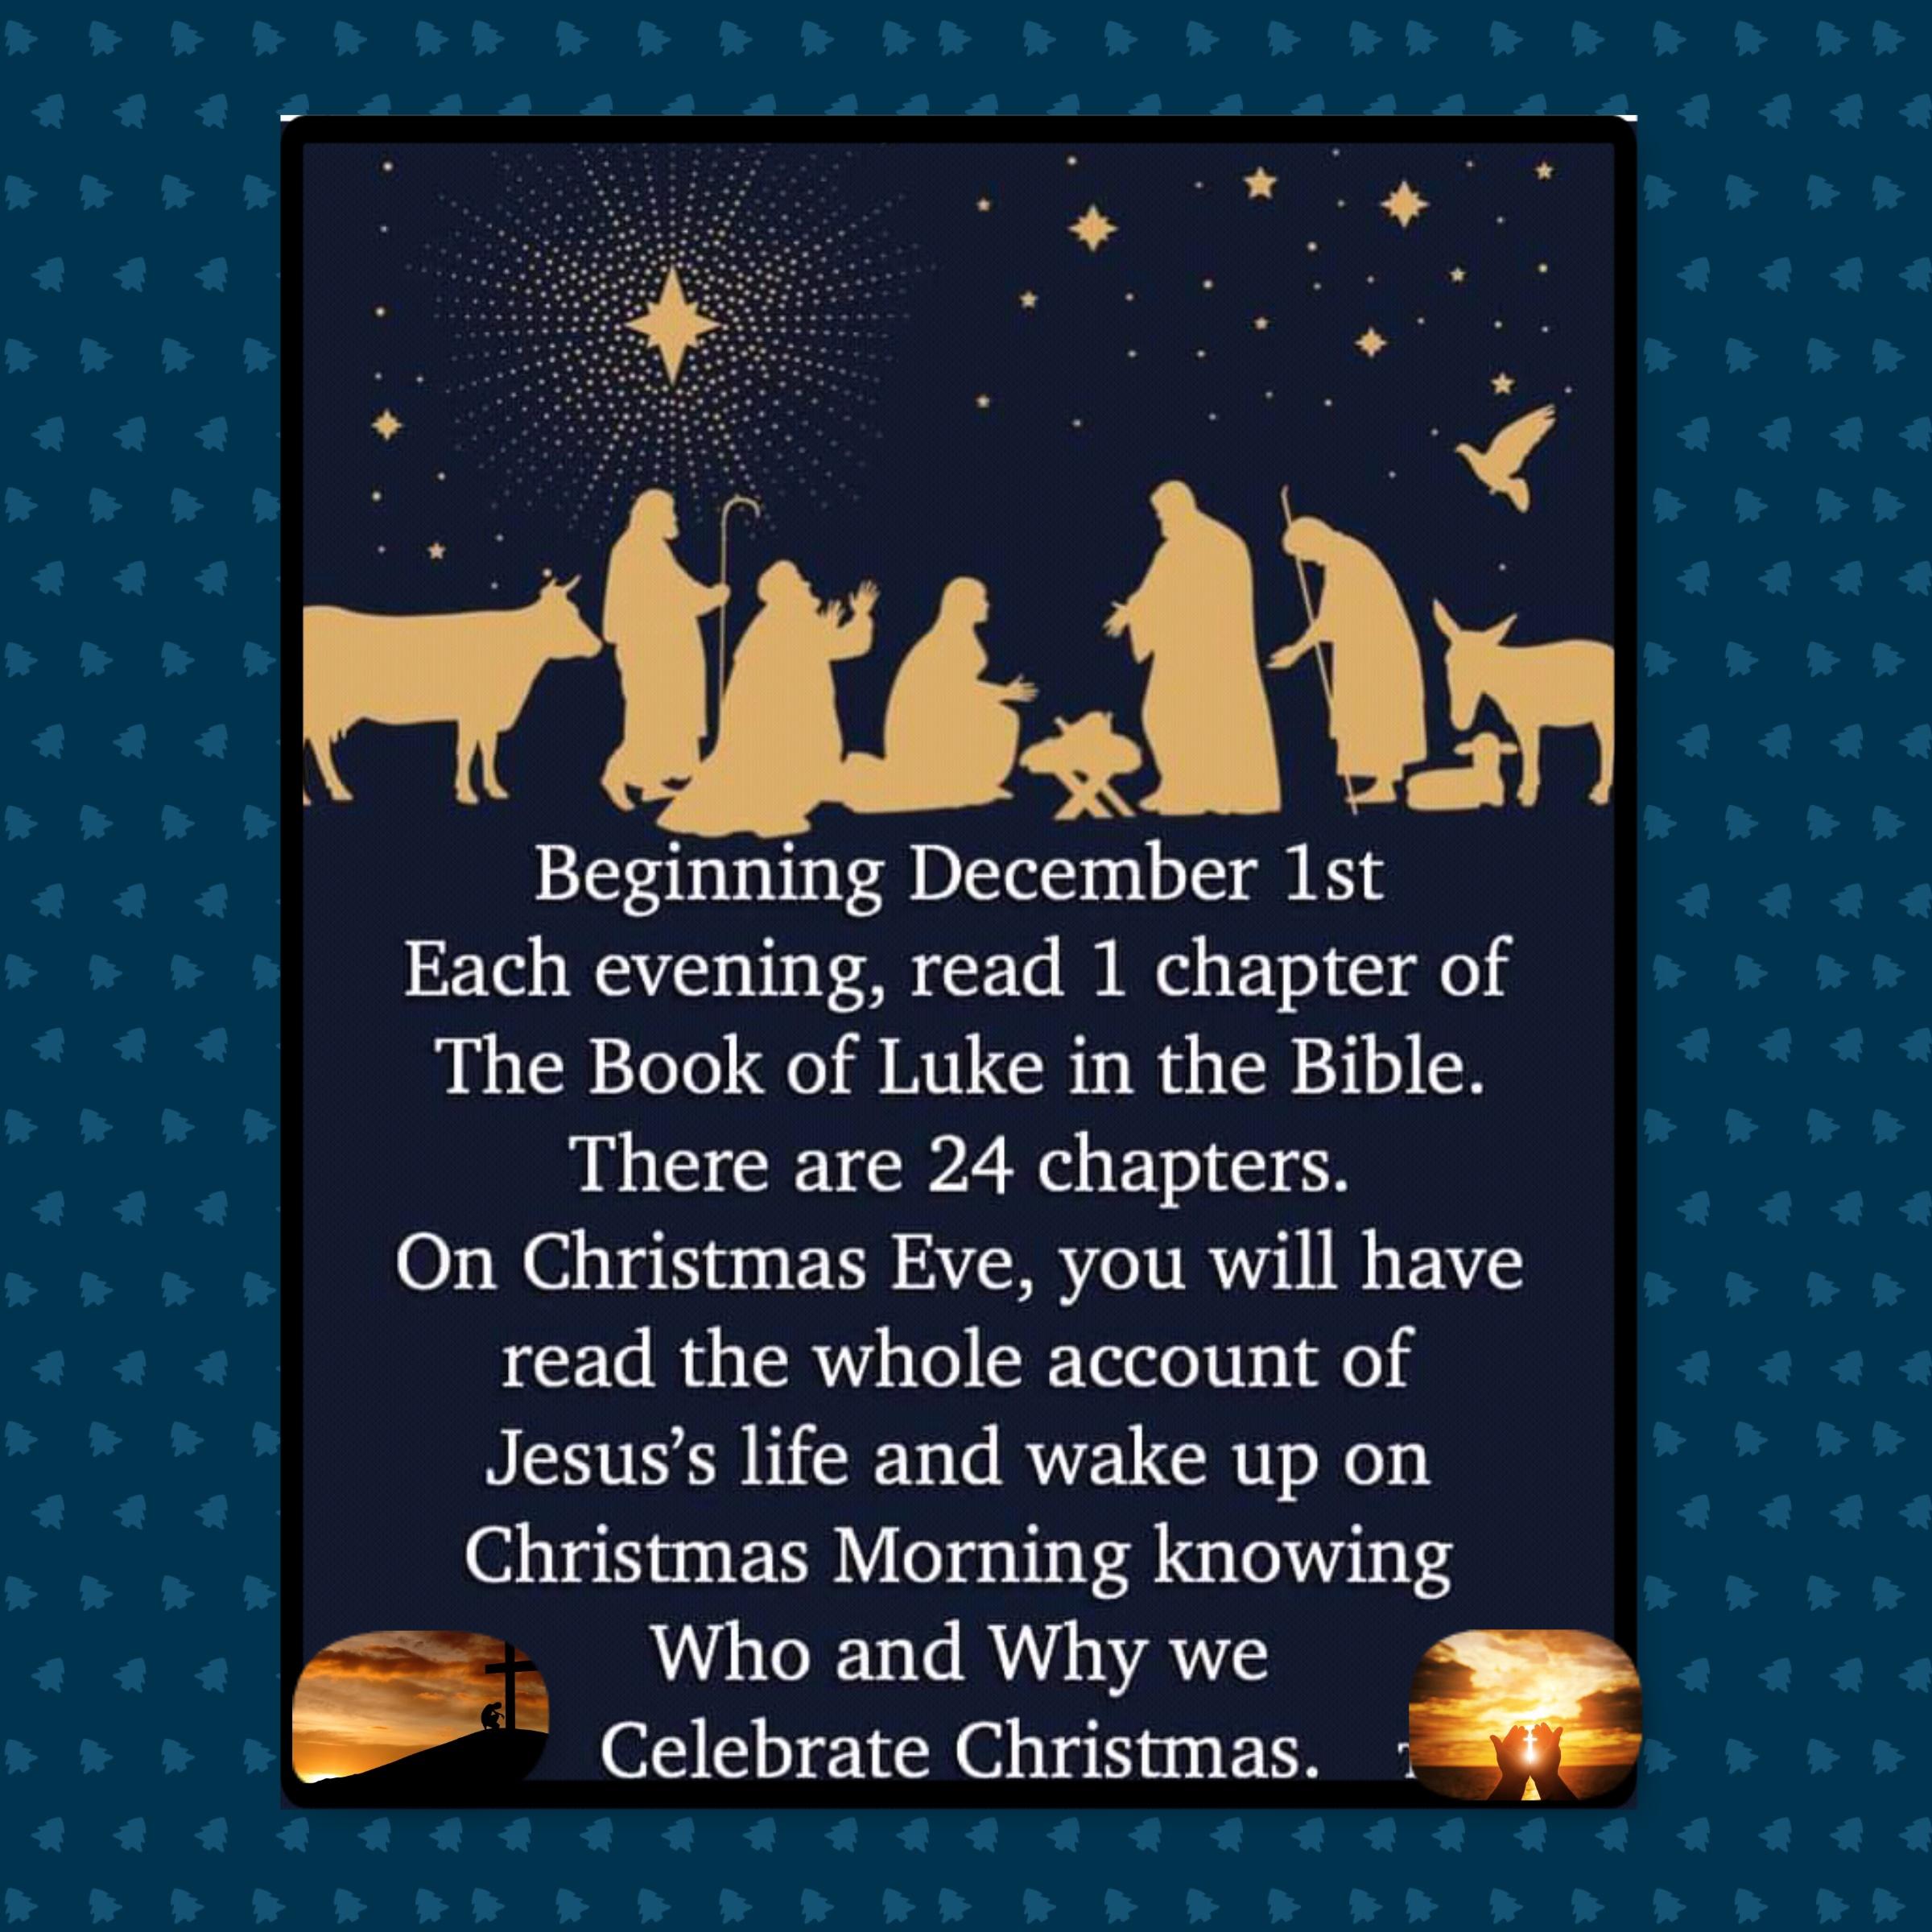 Beginning December 1st